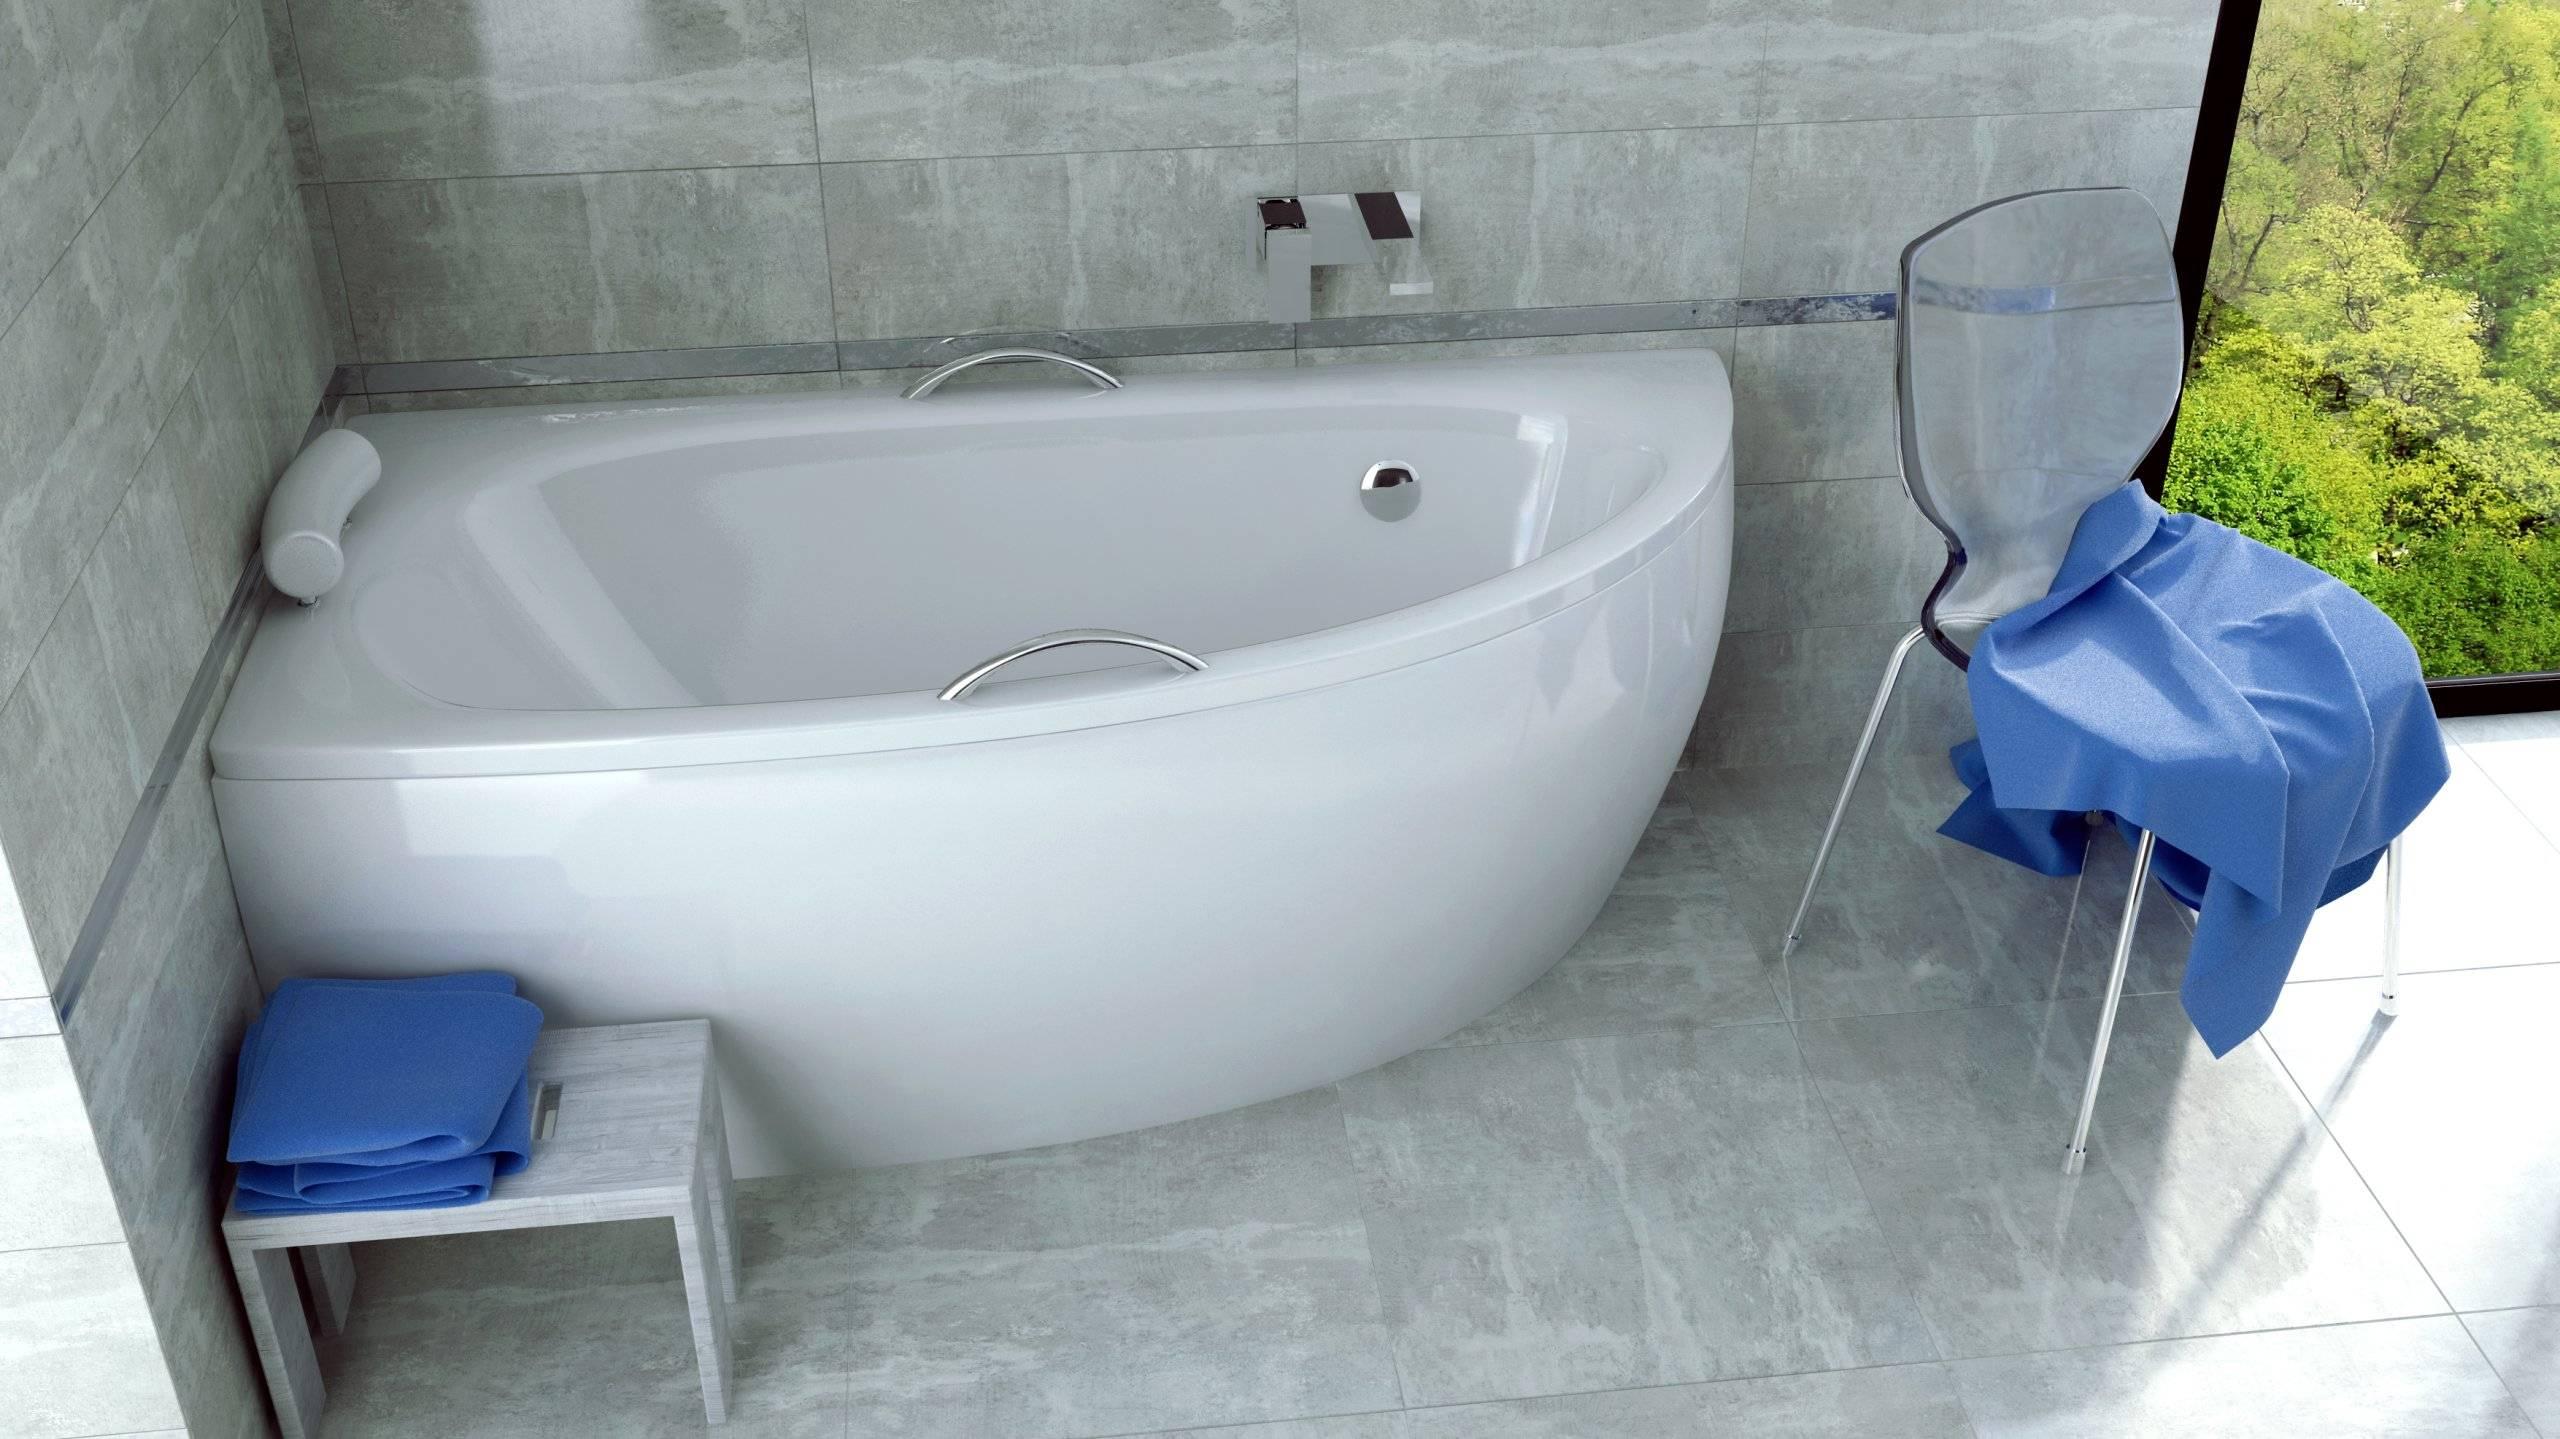 Топ-16 лучших производителей акриловых ванн в 2020 году в рейтинге zuzako